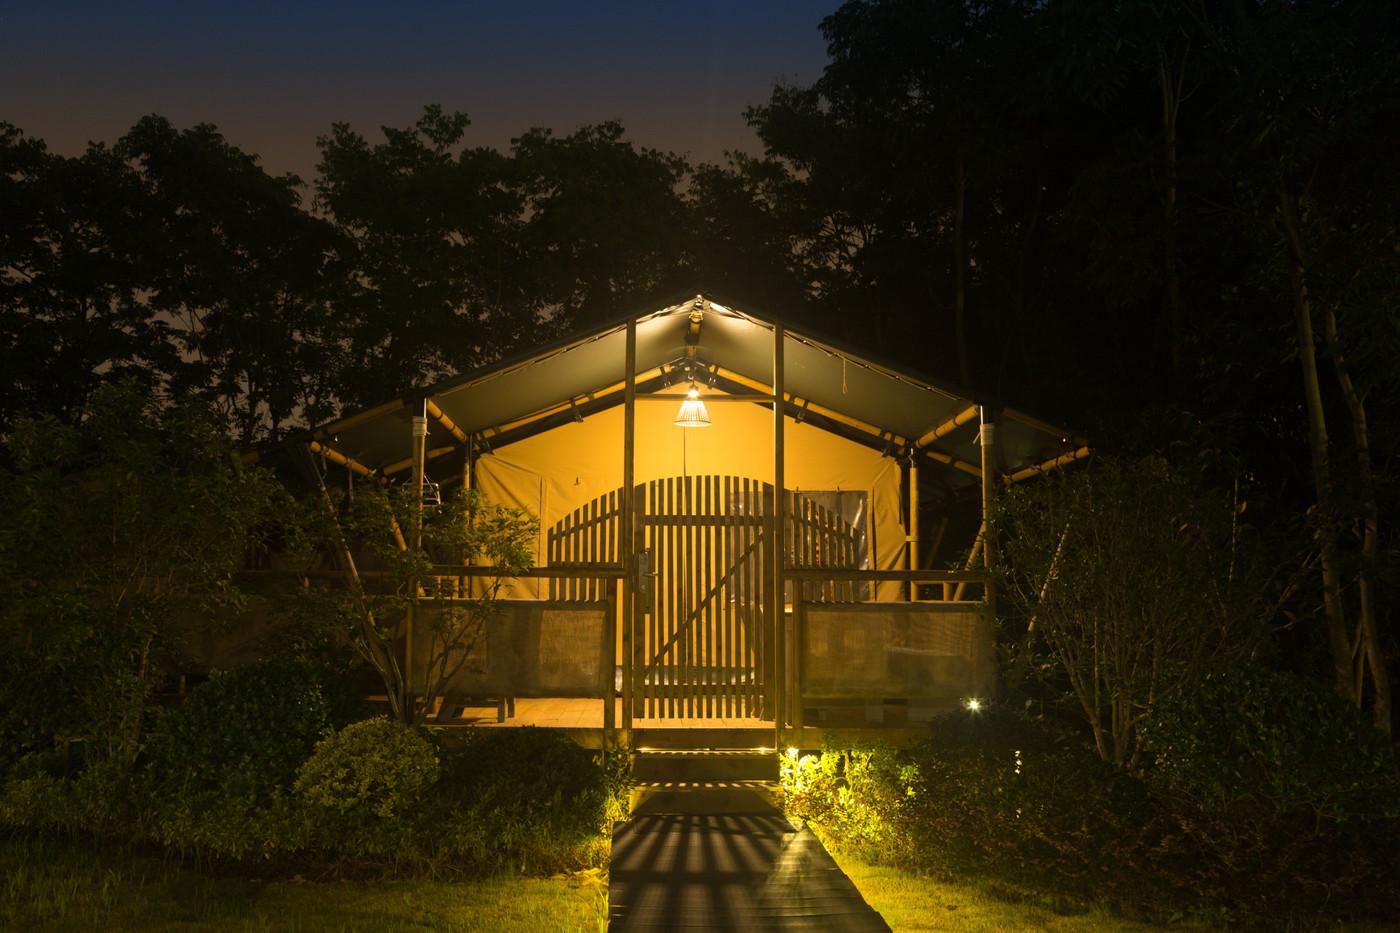 喜马拉雅上海迪士尼邻家营地子母房平地帐篷酒店8